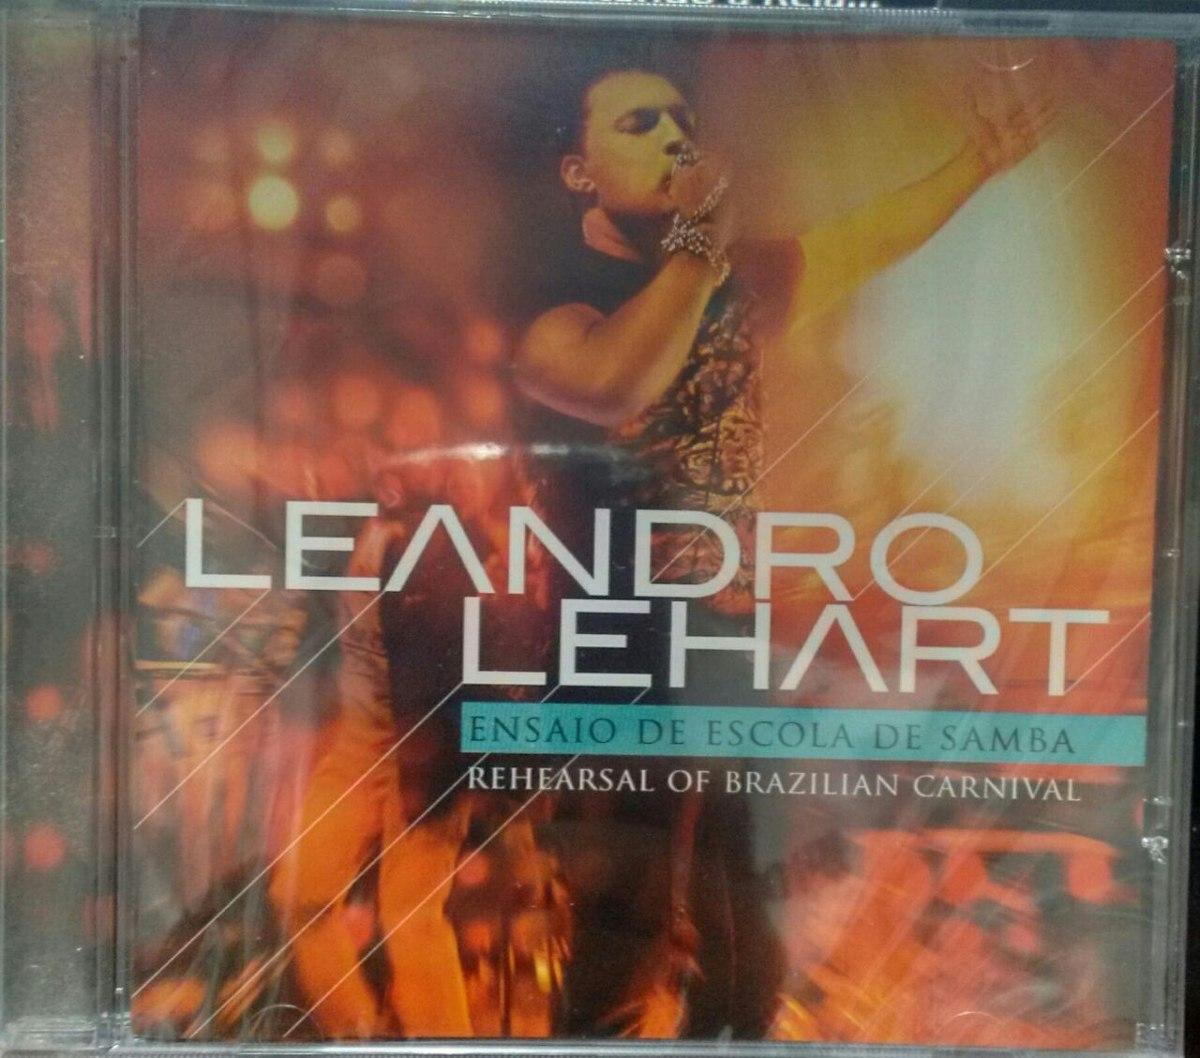 cd leandro lehart ensaio escola samba